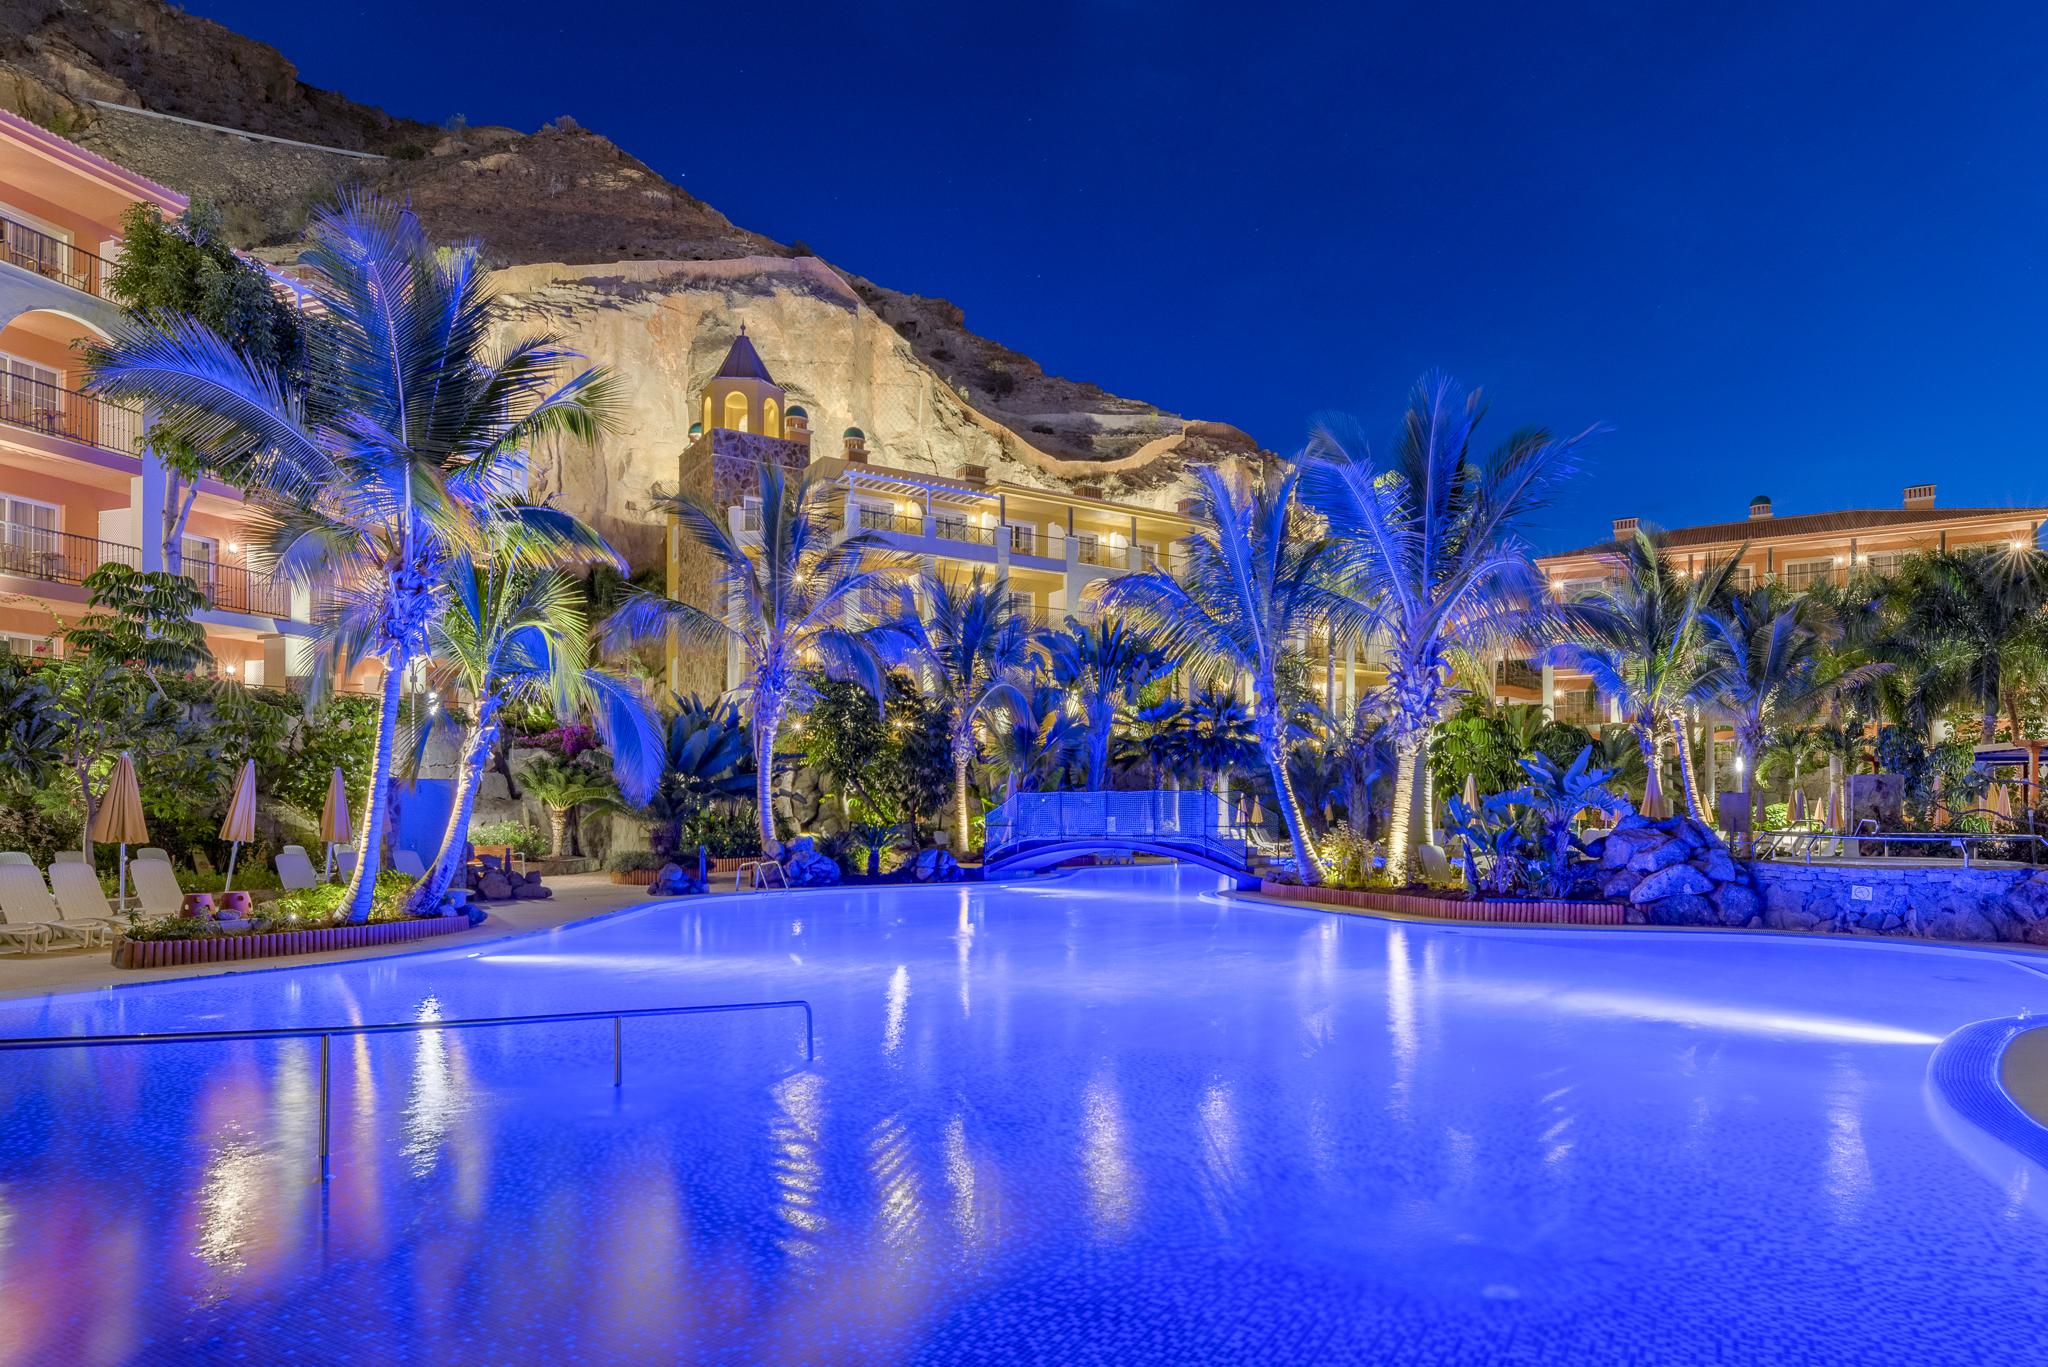 Vacaciones Memorables en el Hotel Cordial Mogán Playa